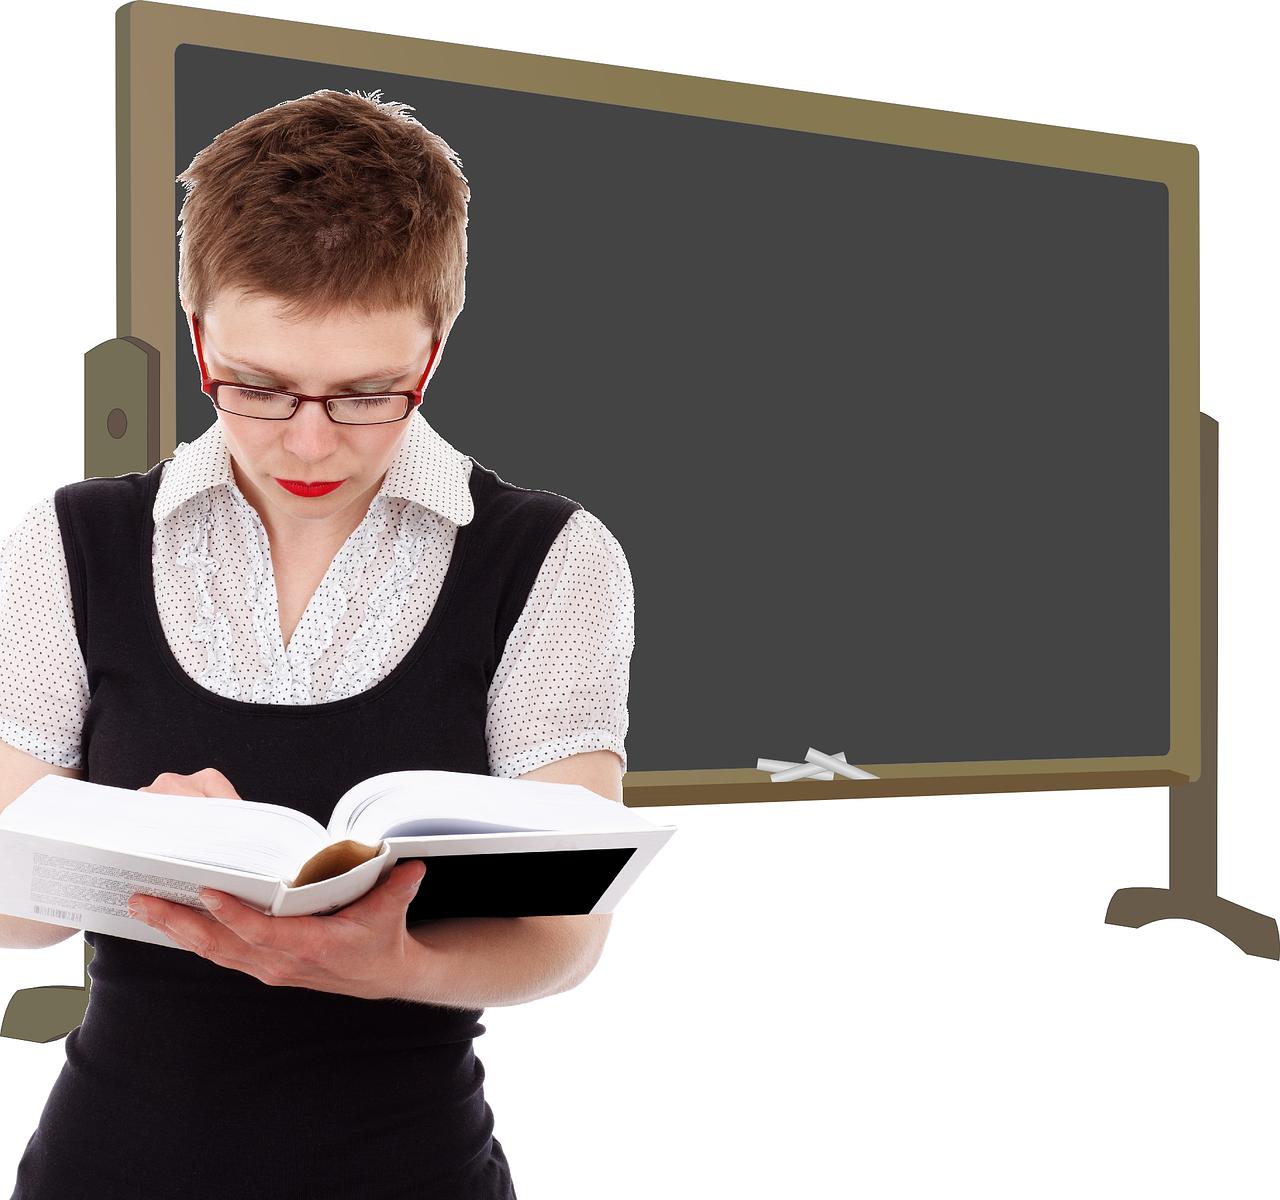 Школьная форма для девочек: начинается подготовка к школе